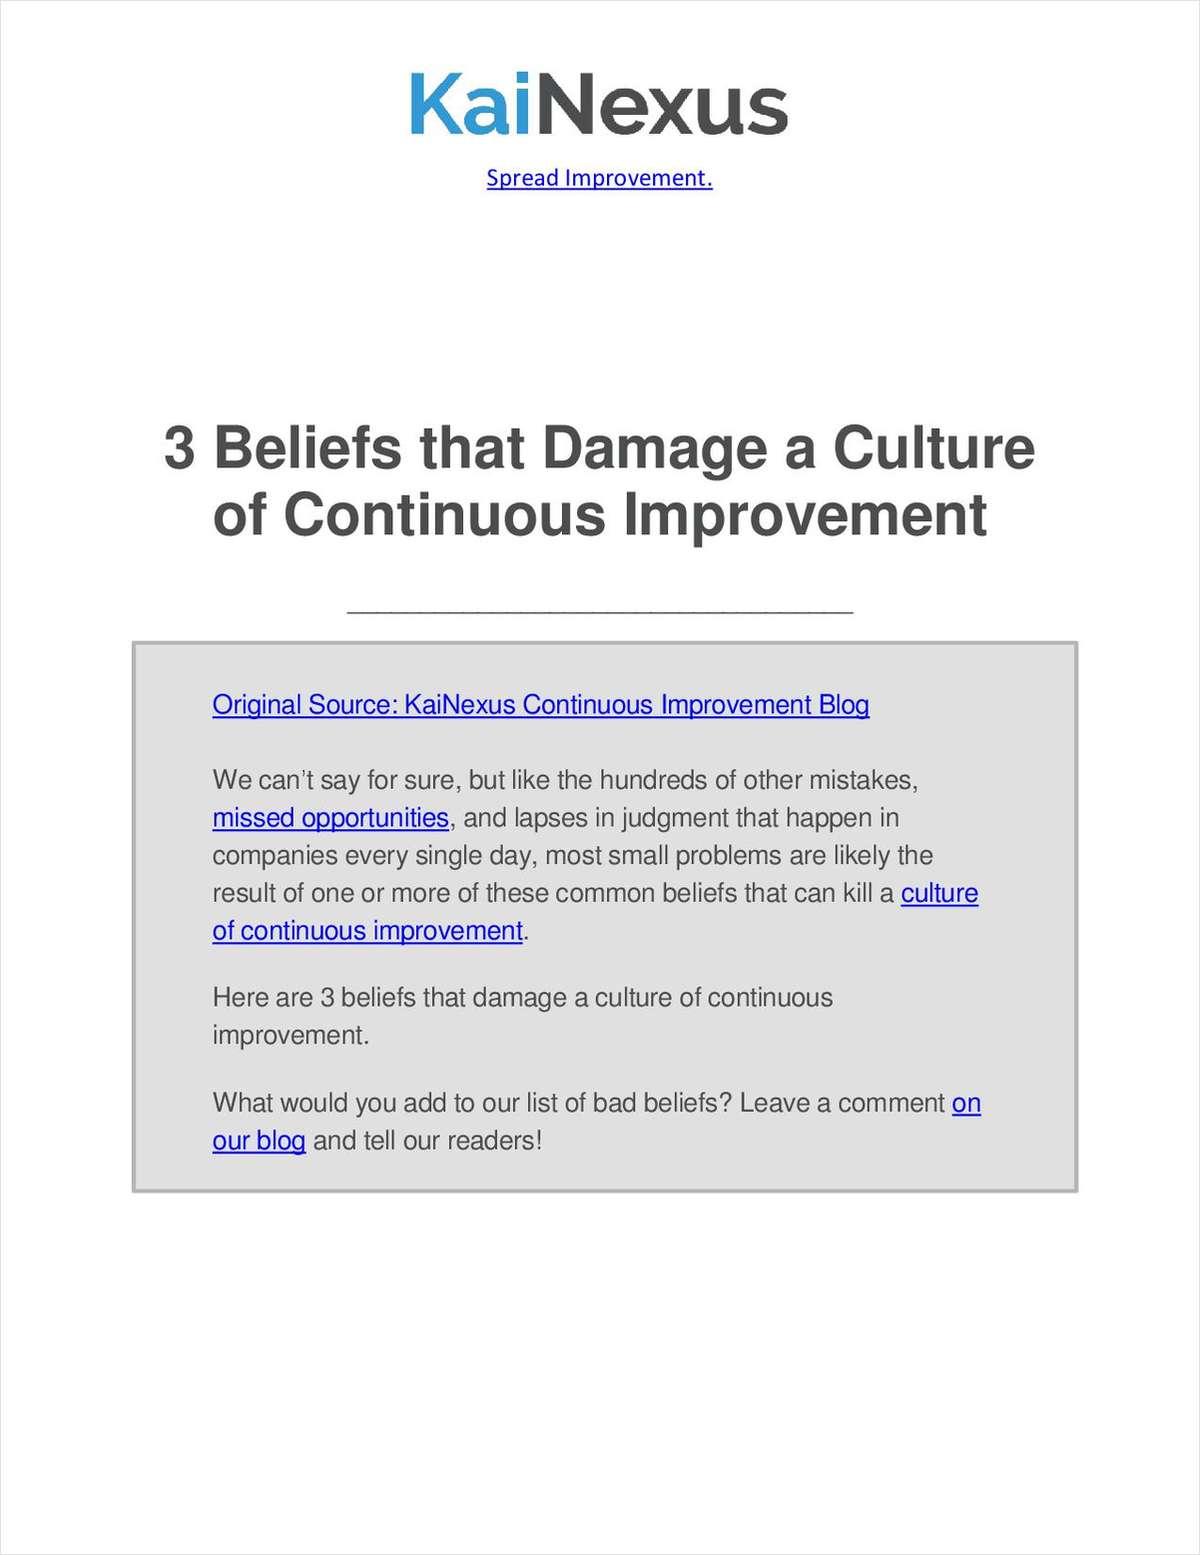 3 Beliefs that Damage a Culture of Continuous Improvement